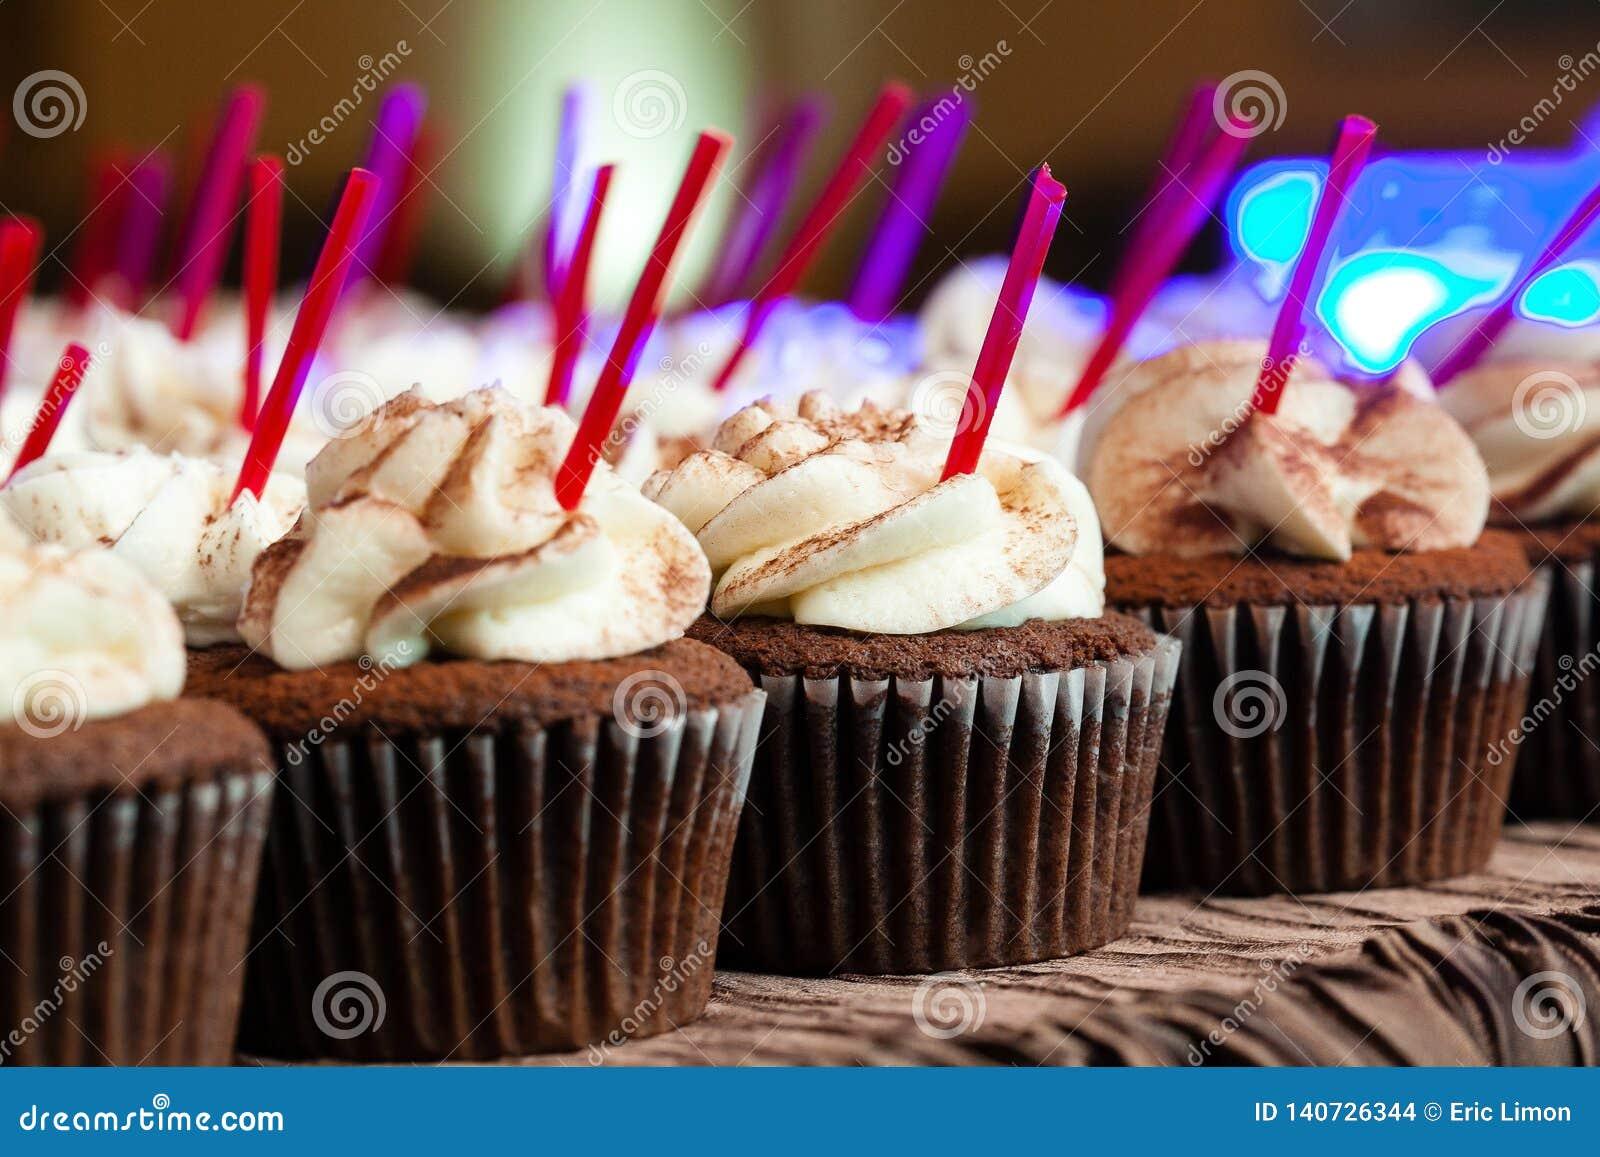 Chocolat épousant des petits gâteaux avec se givrer pendant un événement approvisionné